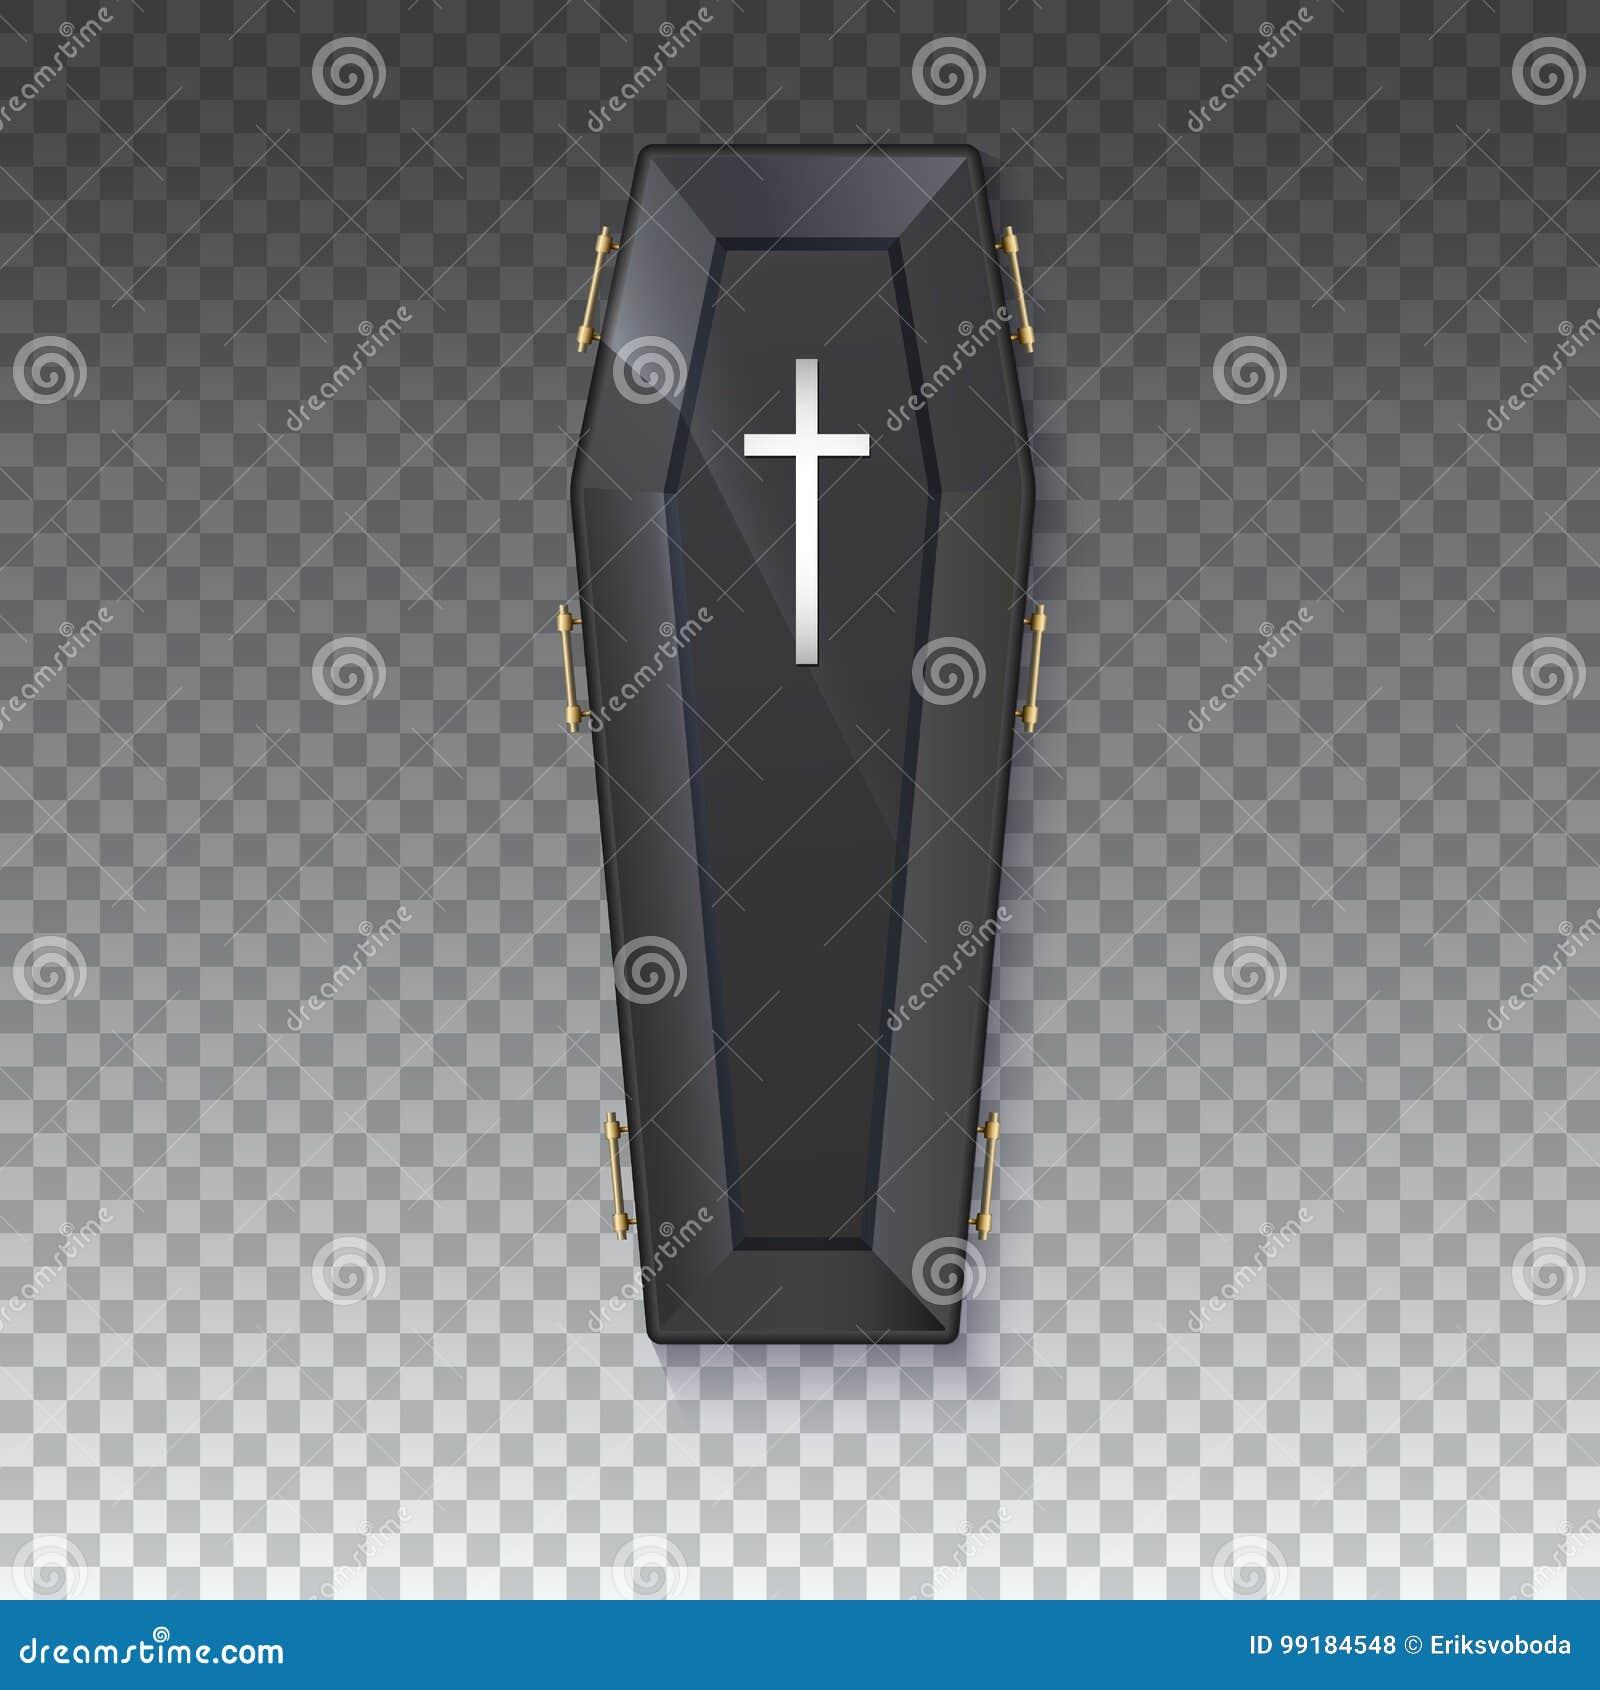 Doodskistpictogram met een metaalkruisbeeld en handvatten op een geïsoleerde transparante achtergrond